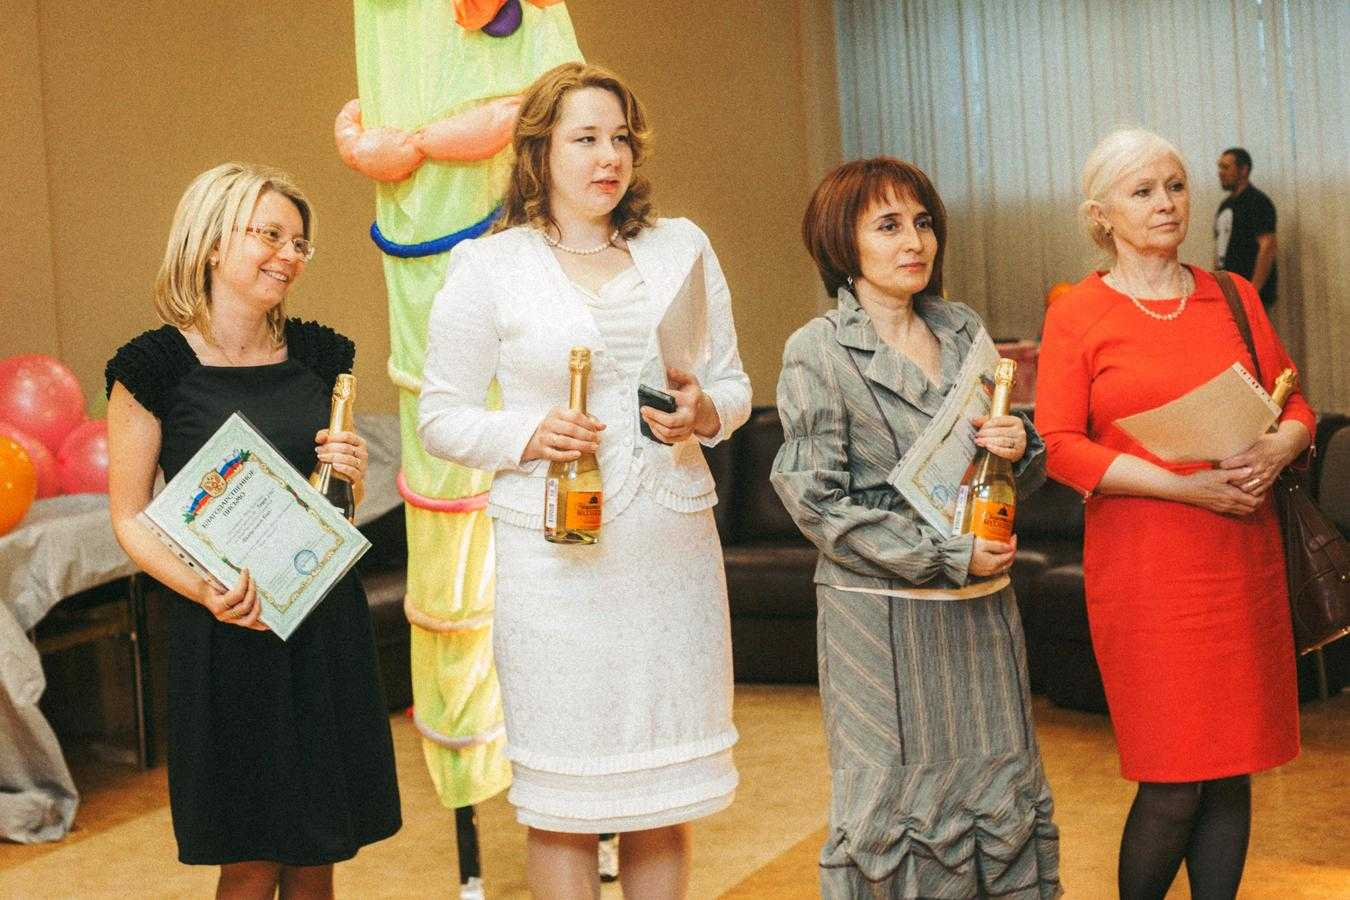 Шоколадно-Карамельный выпускной в ГК Космос 203 Москва